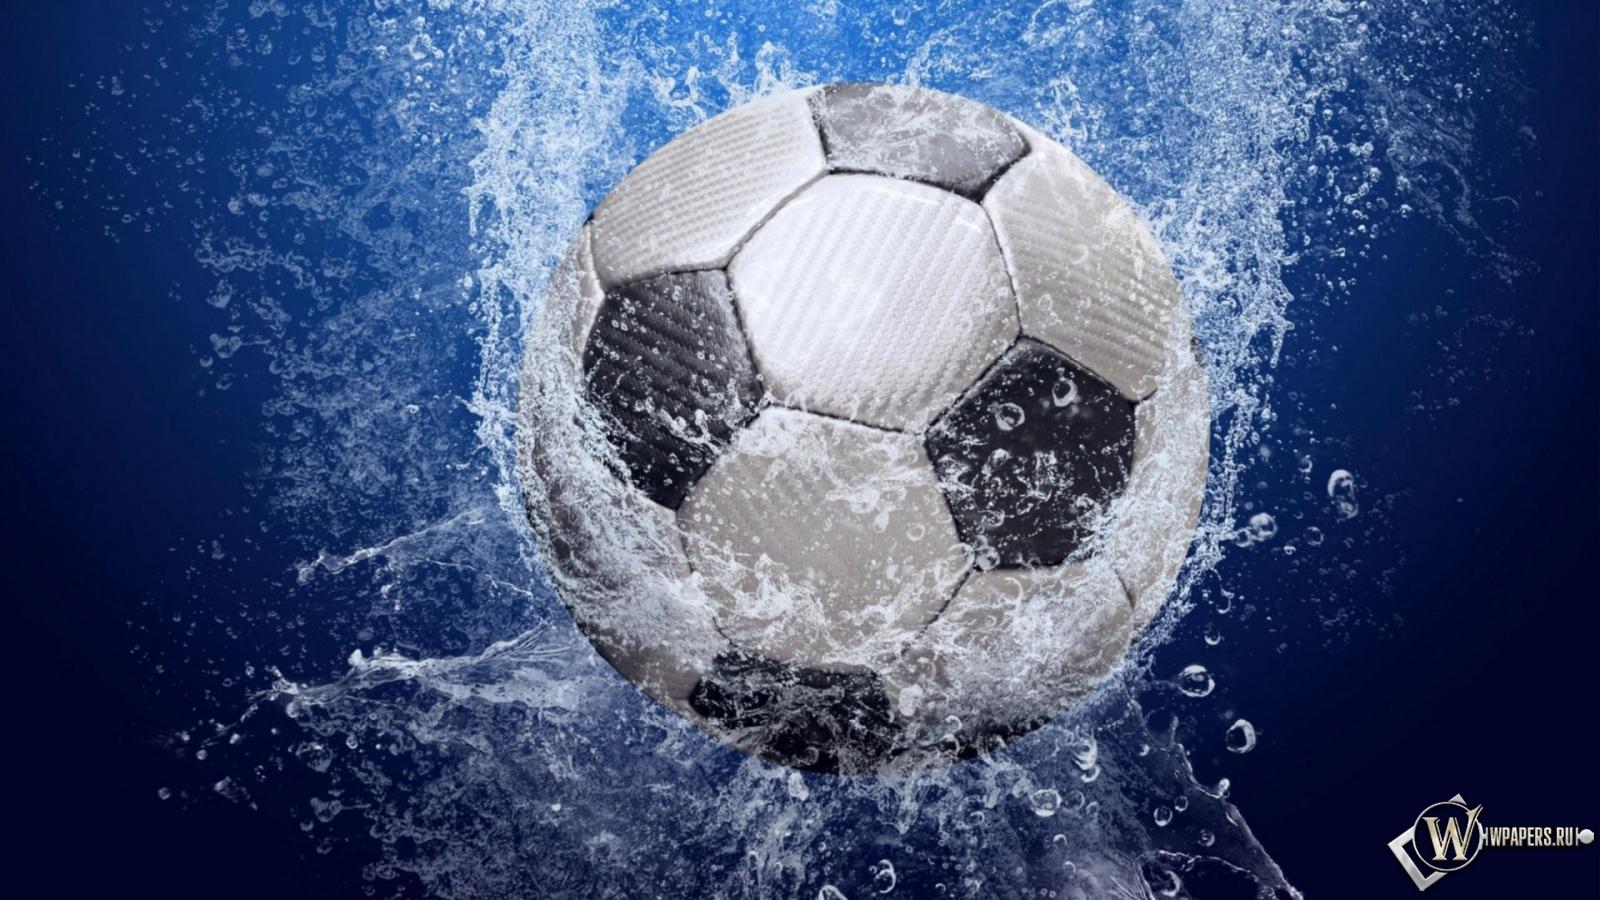 Мяч вода брызги спорт футбол мяч